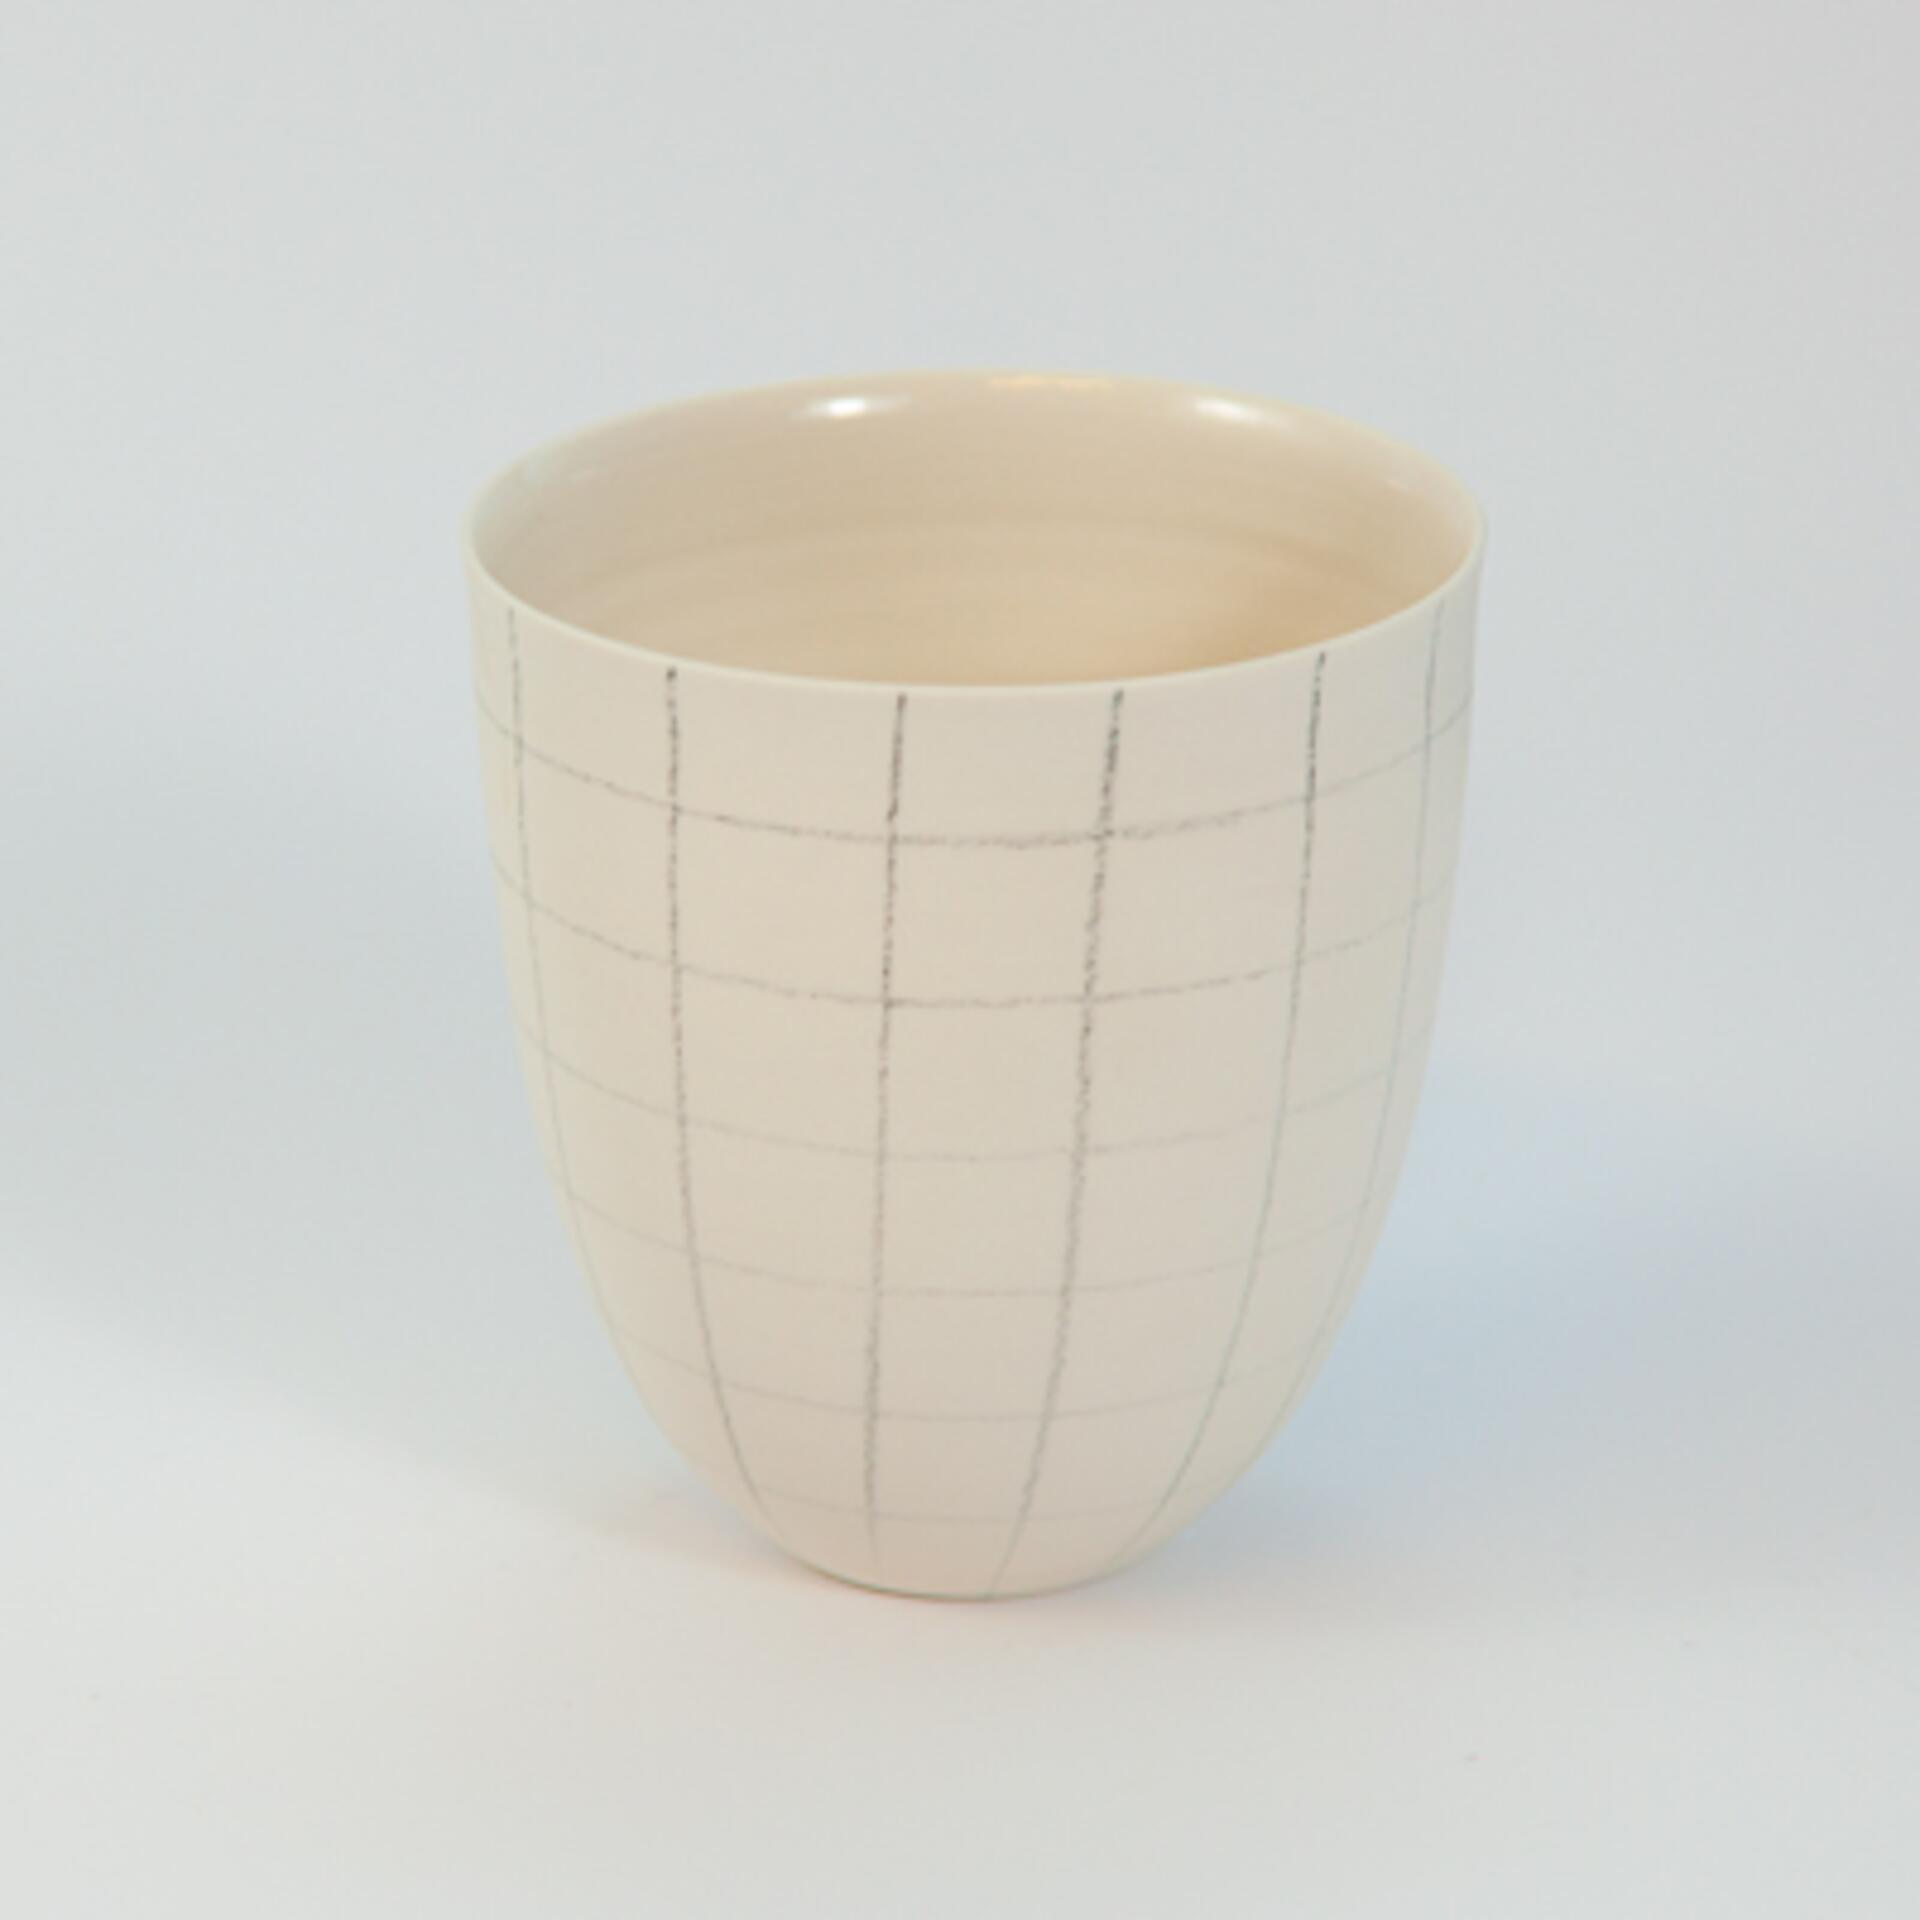 Schoemig Porzellan Becher Graph Quadrat Klein